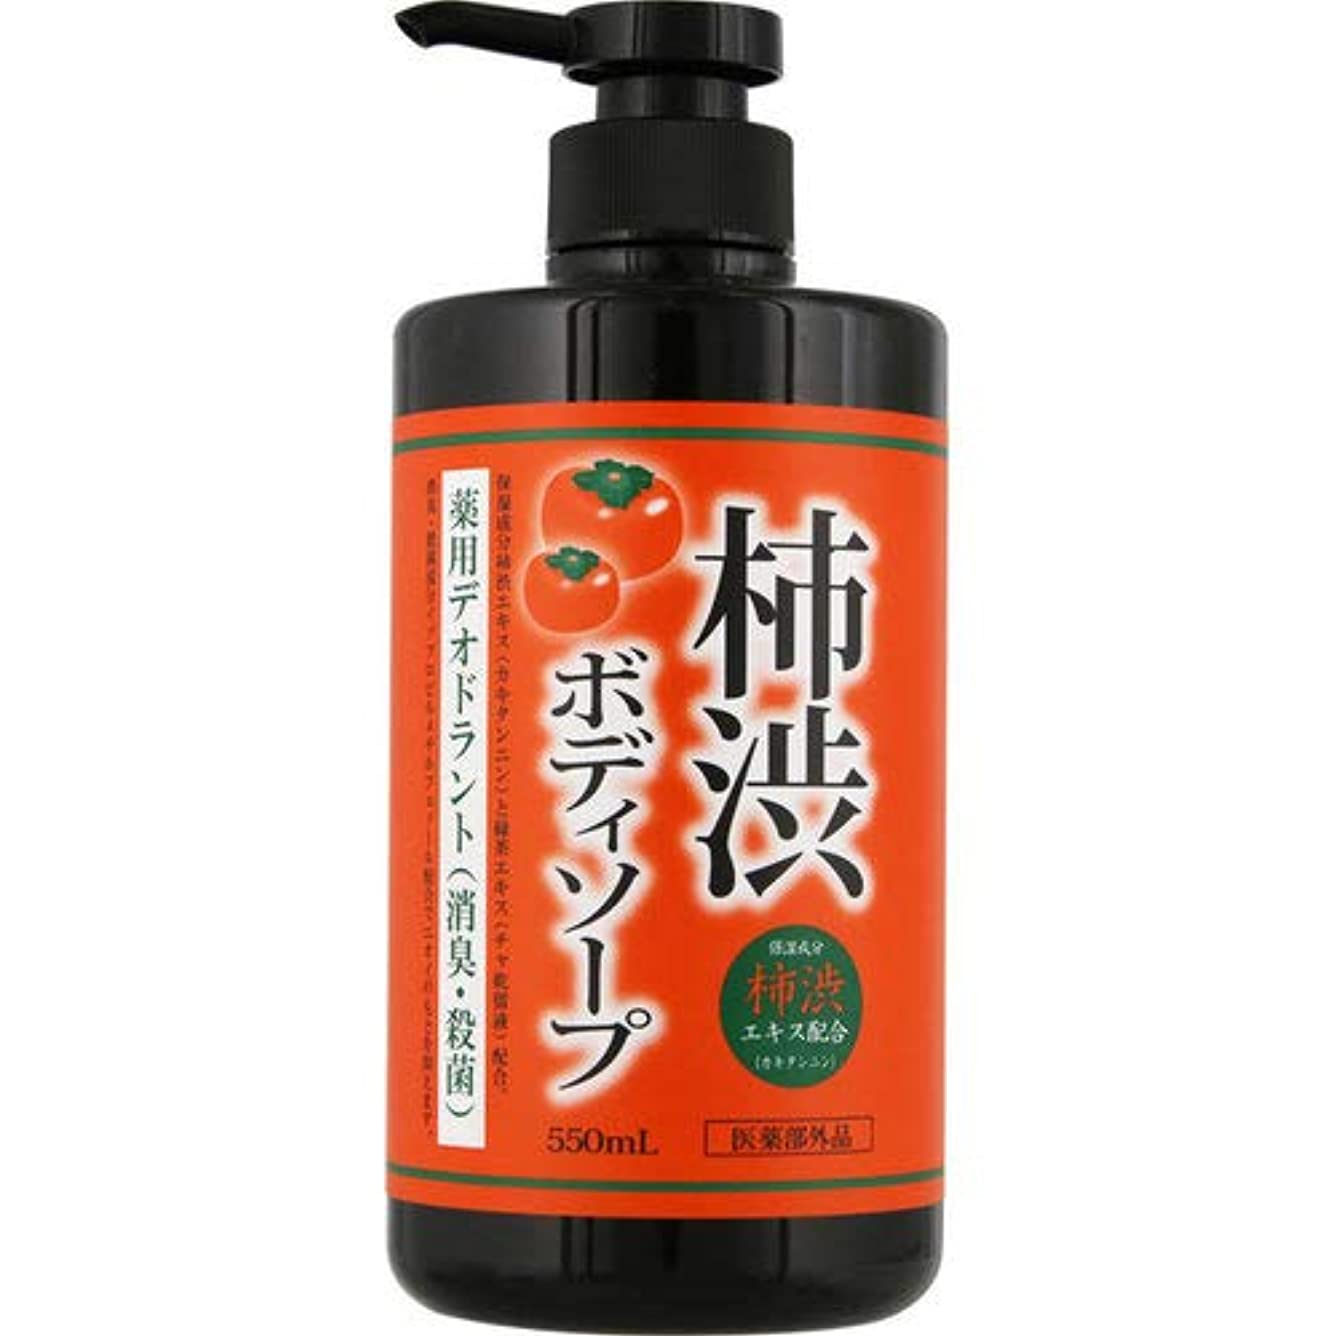 部分的ハブ下手薬用 柿渋ボディソープ 550ml[医薬部外品]